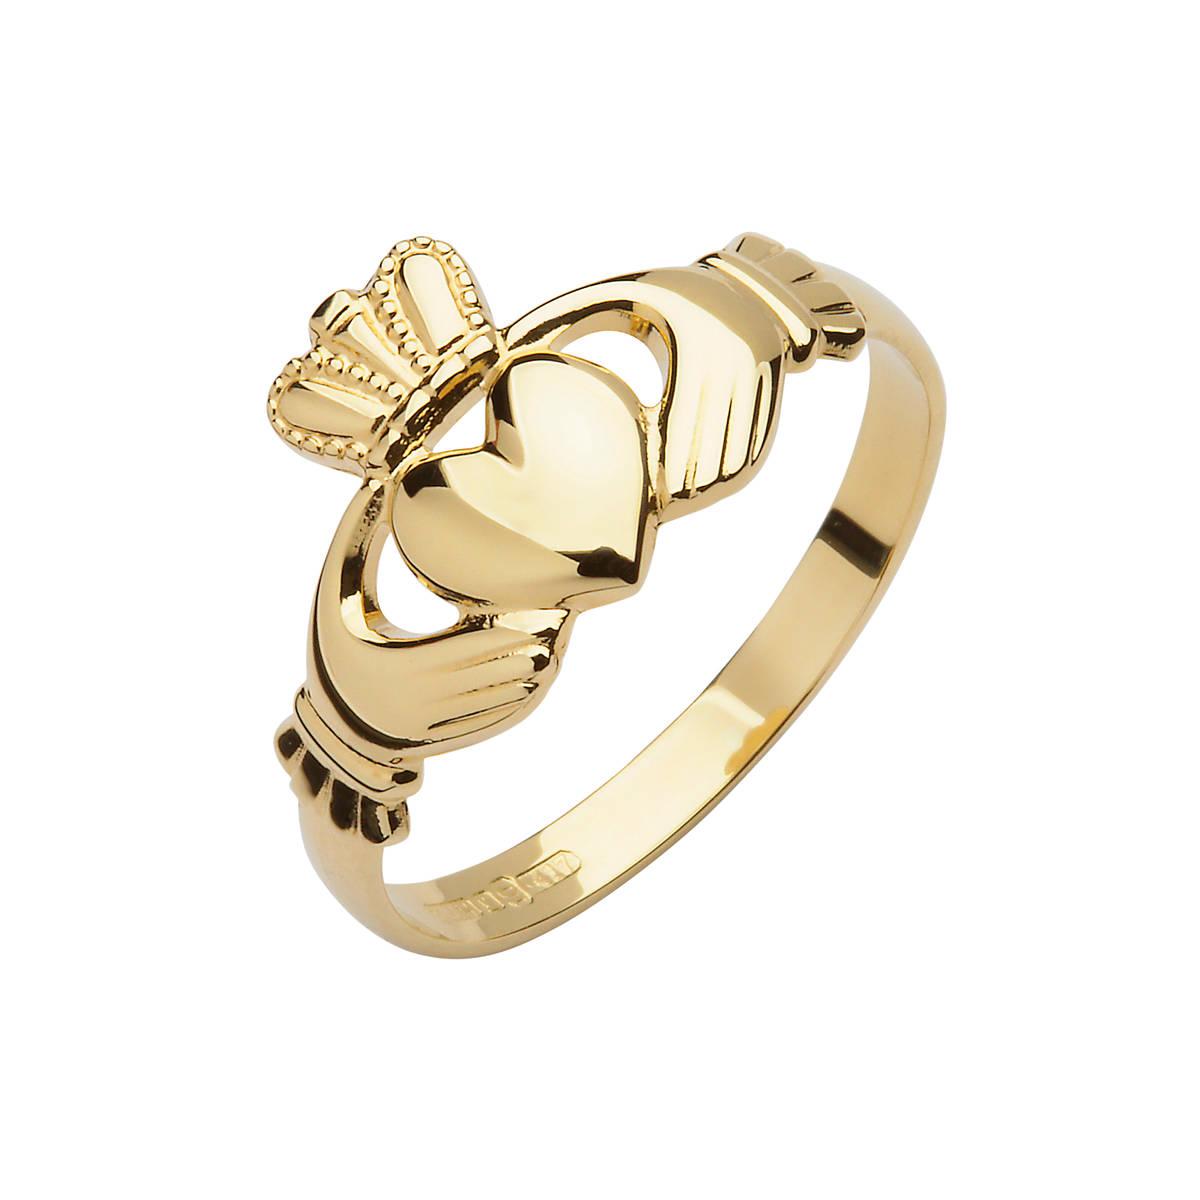 10 carat Die Struck Claddagh Ring